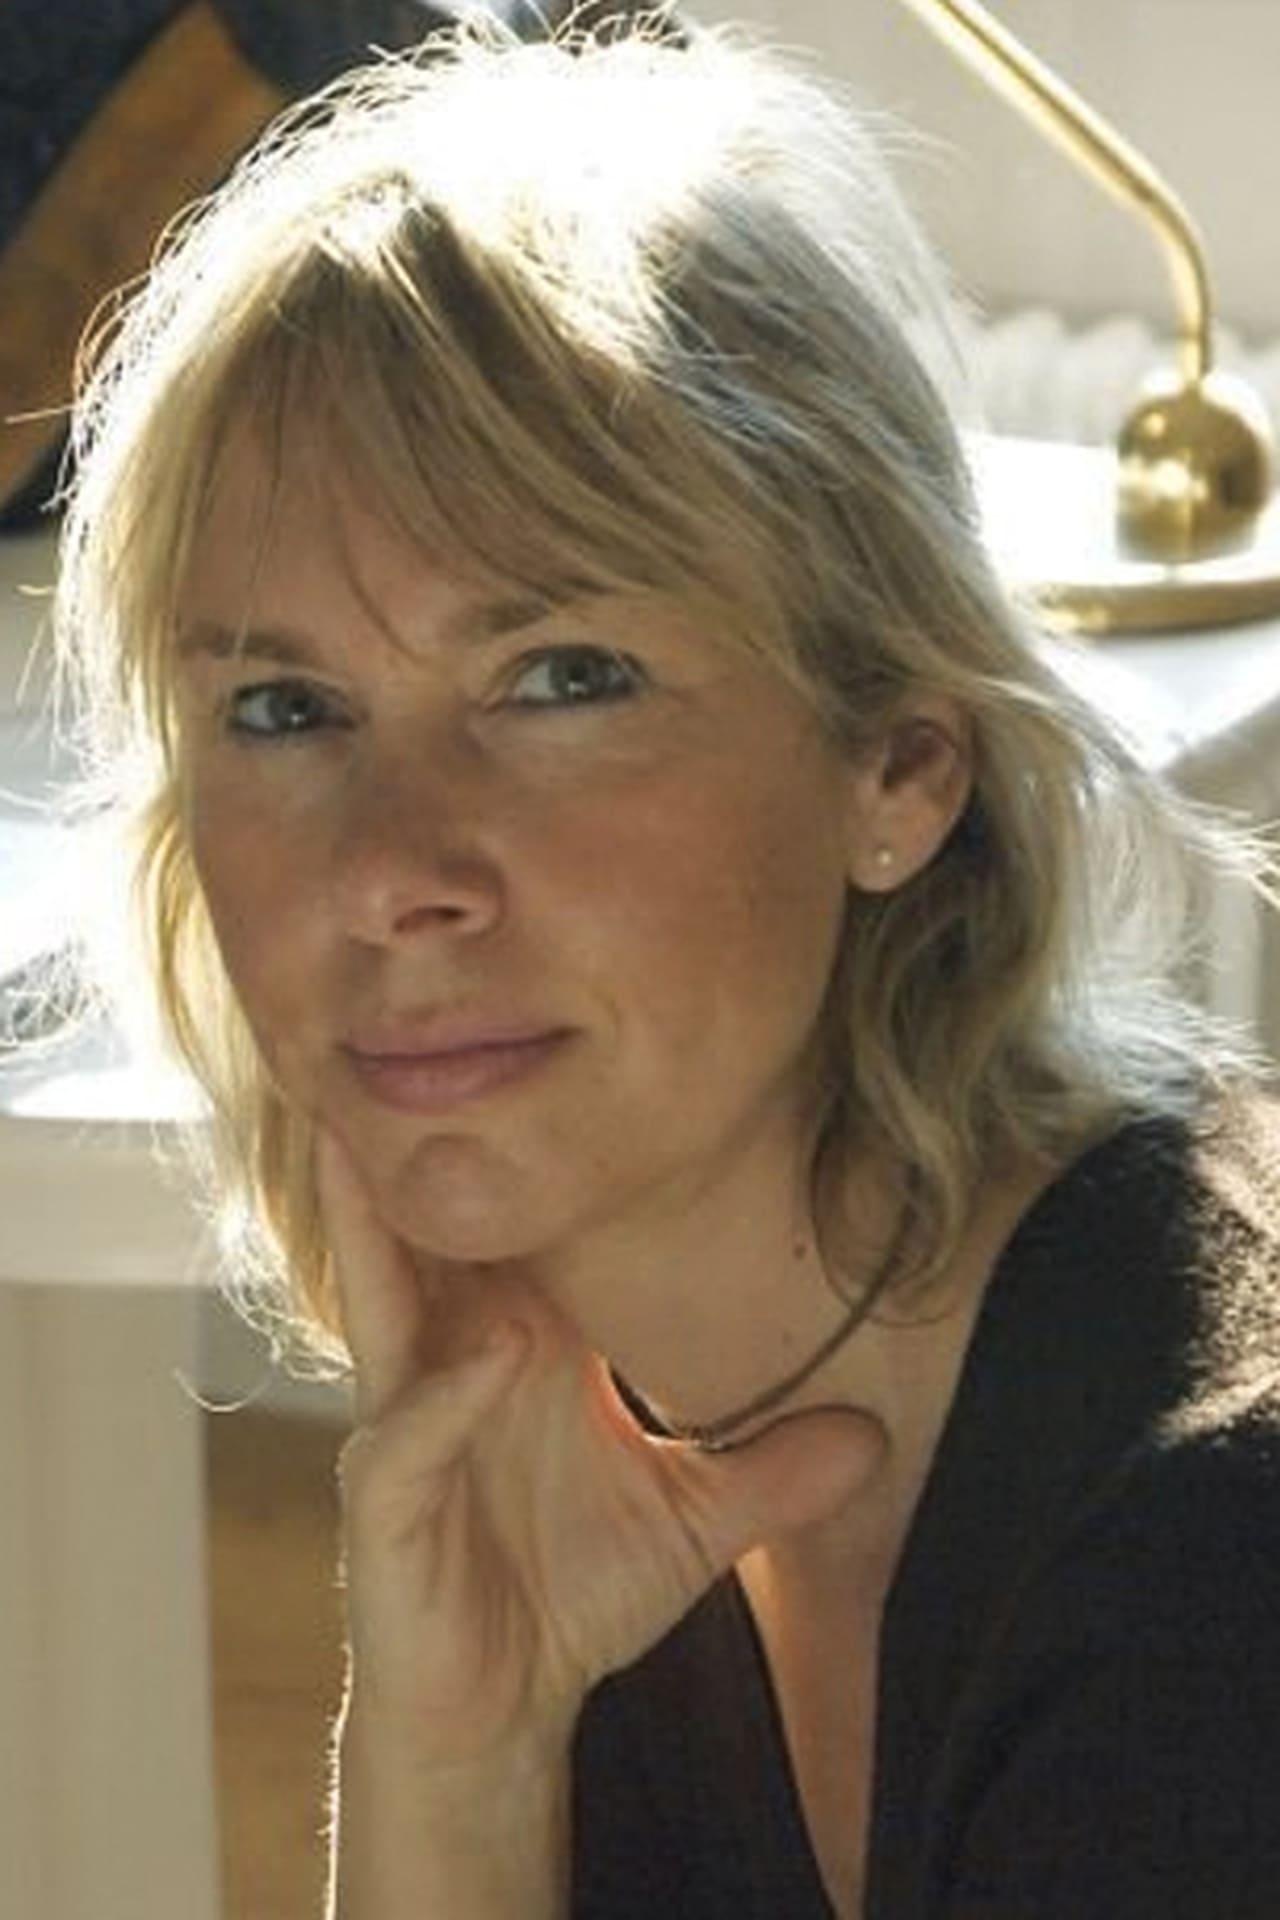 Claudette Barius